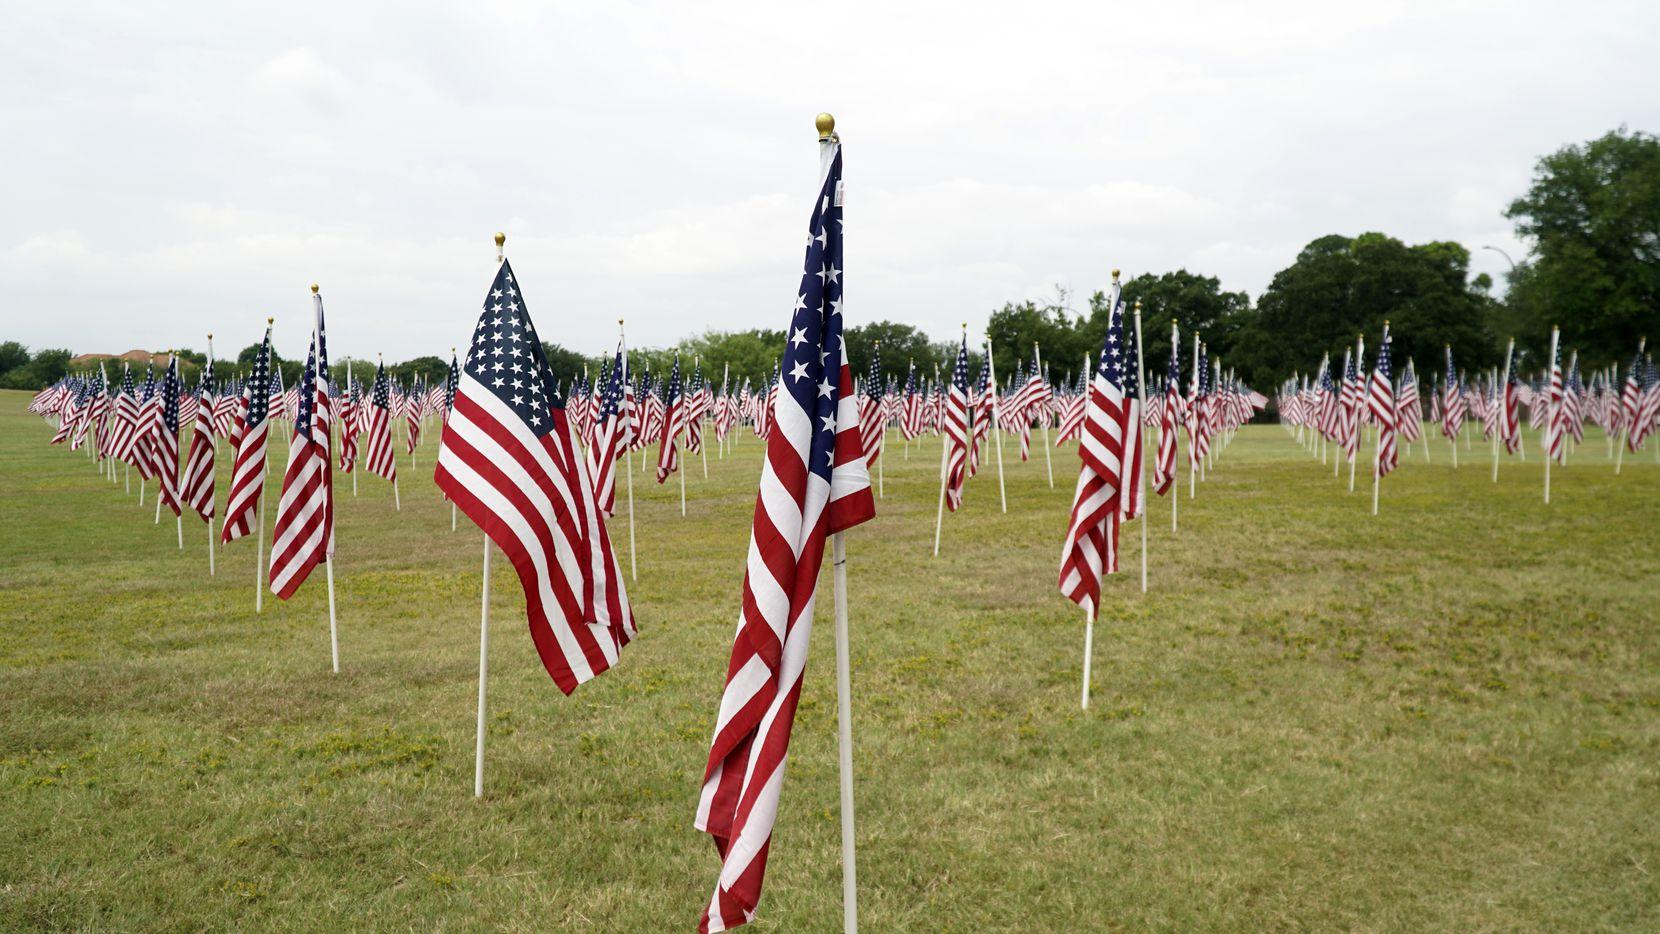 911 Memorial at Veterans Park in Arlington, Texas on Sunday, September 5, 2021